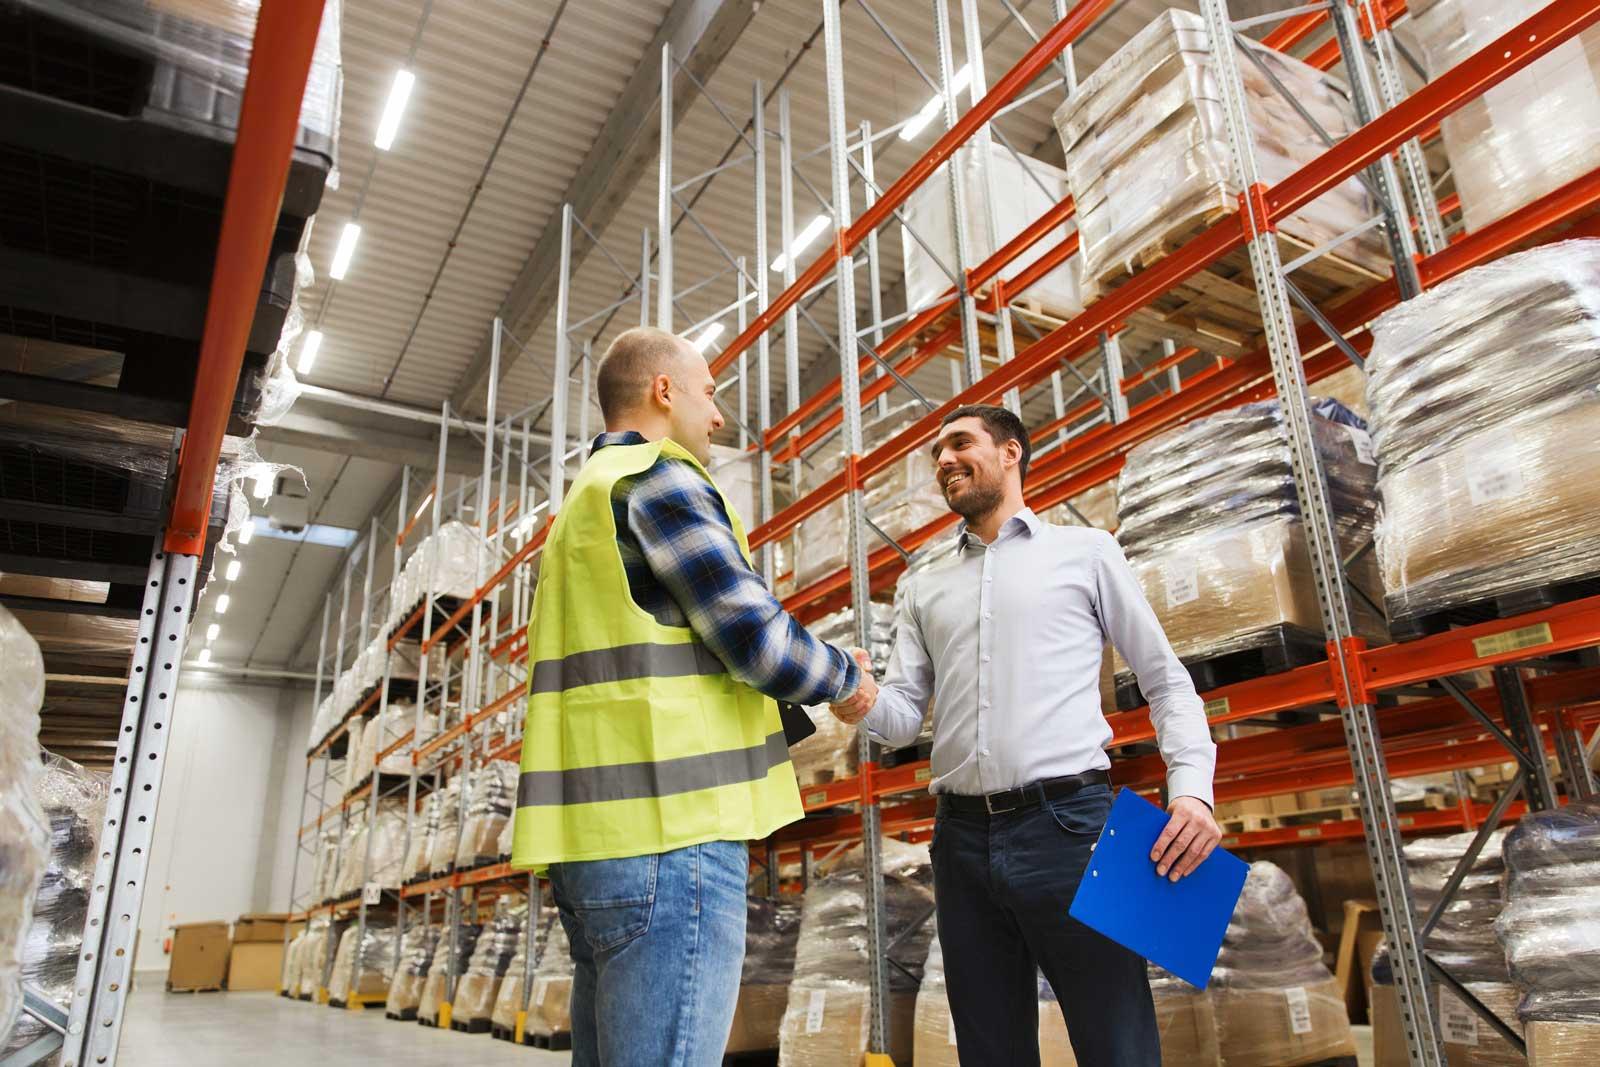 plumbing warehouse workers shaking hands